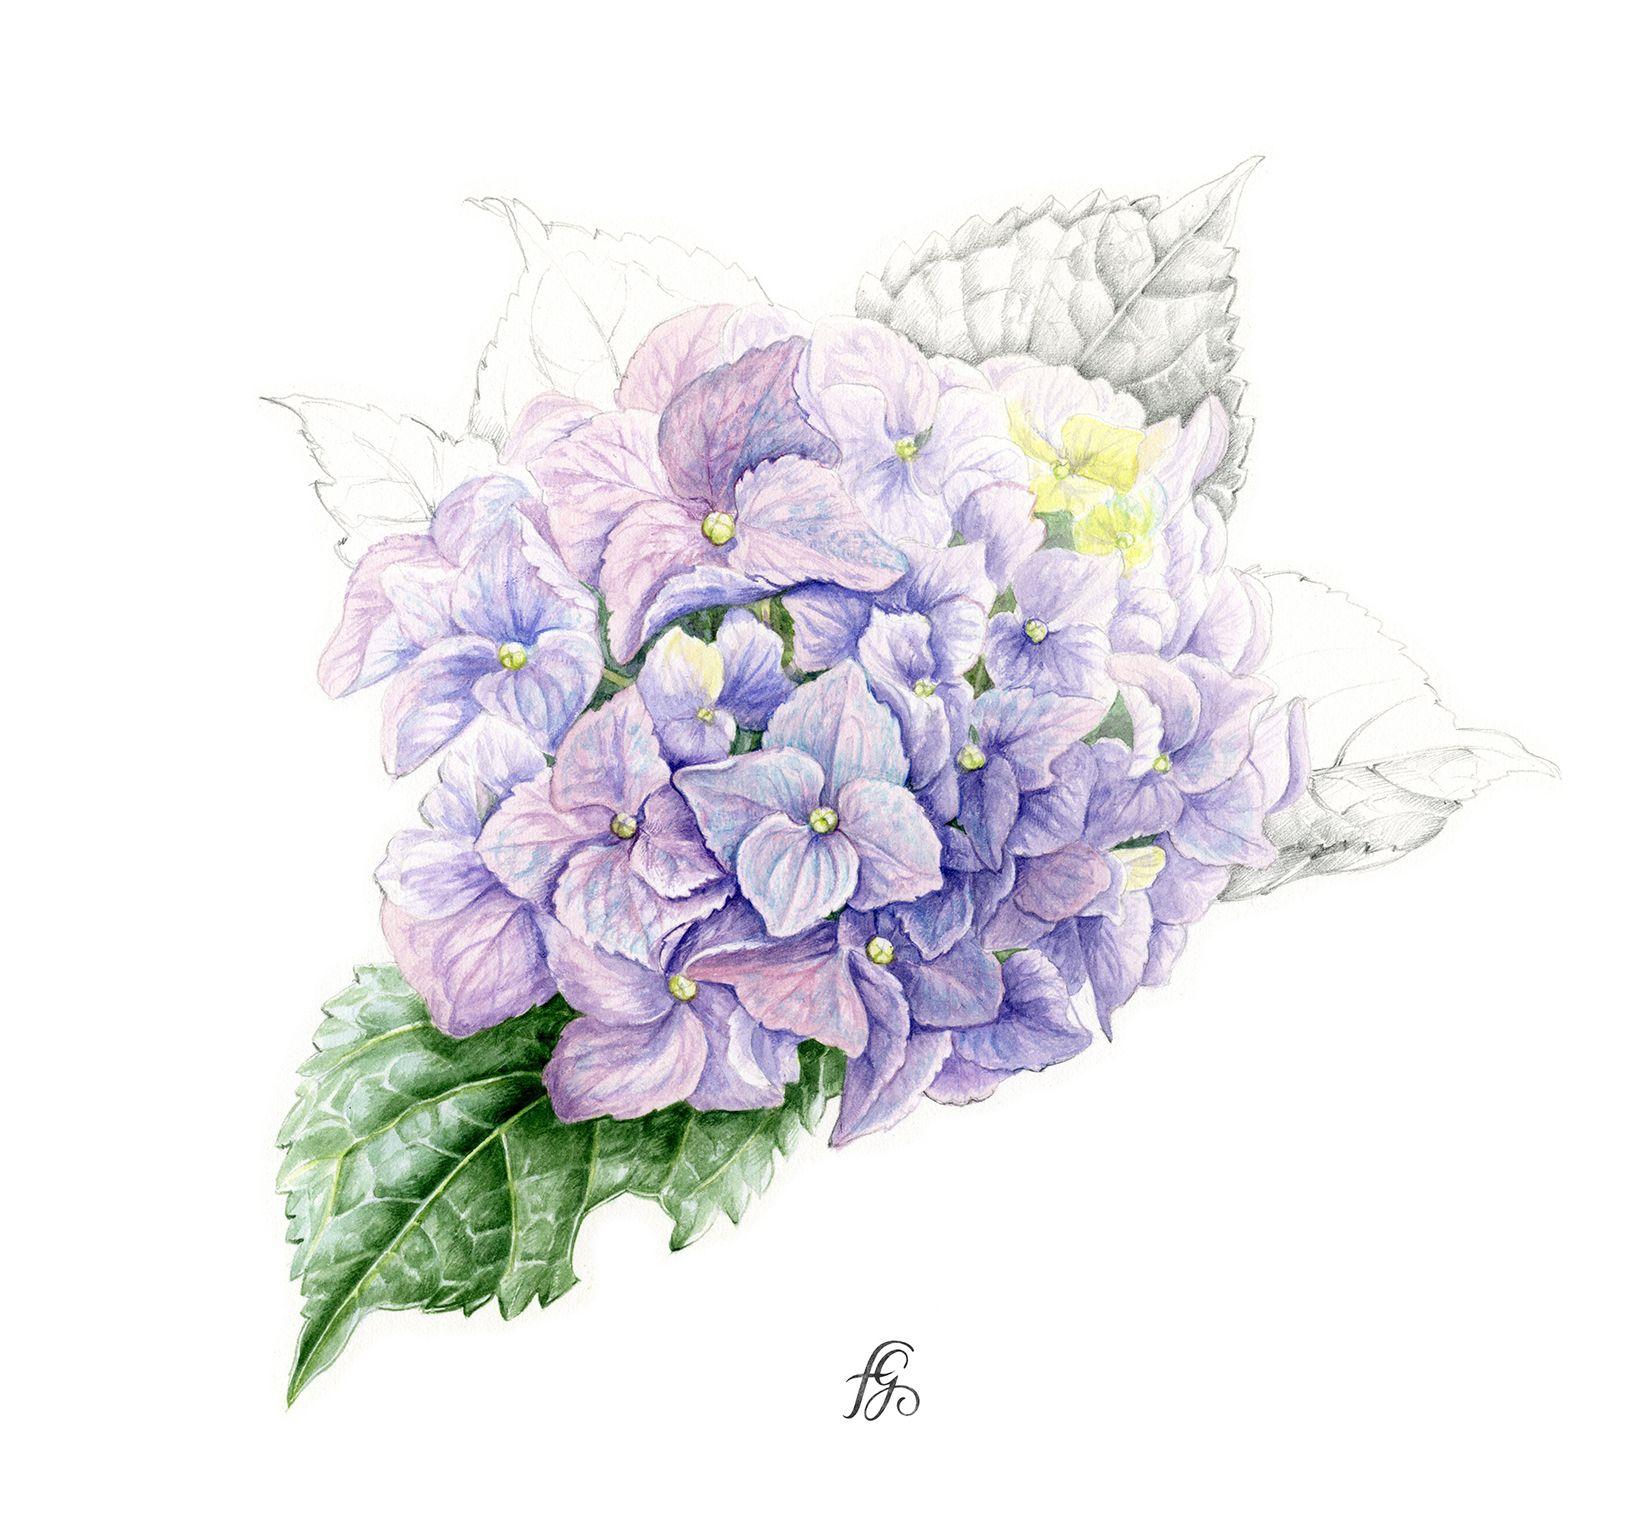 Un Bouquet De Fleurs Colore Pour Egayer L Hiver Aquarelle Com